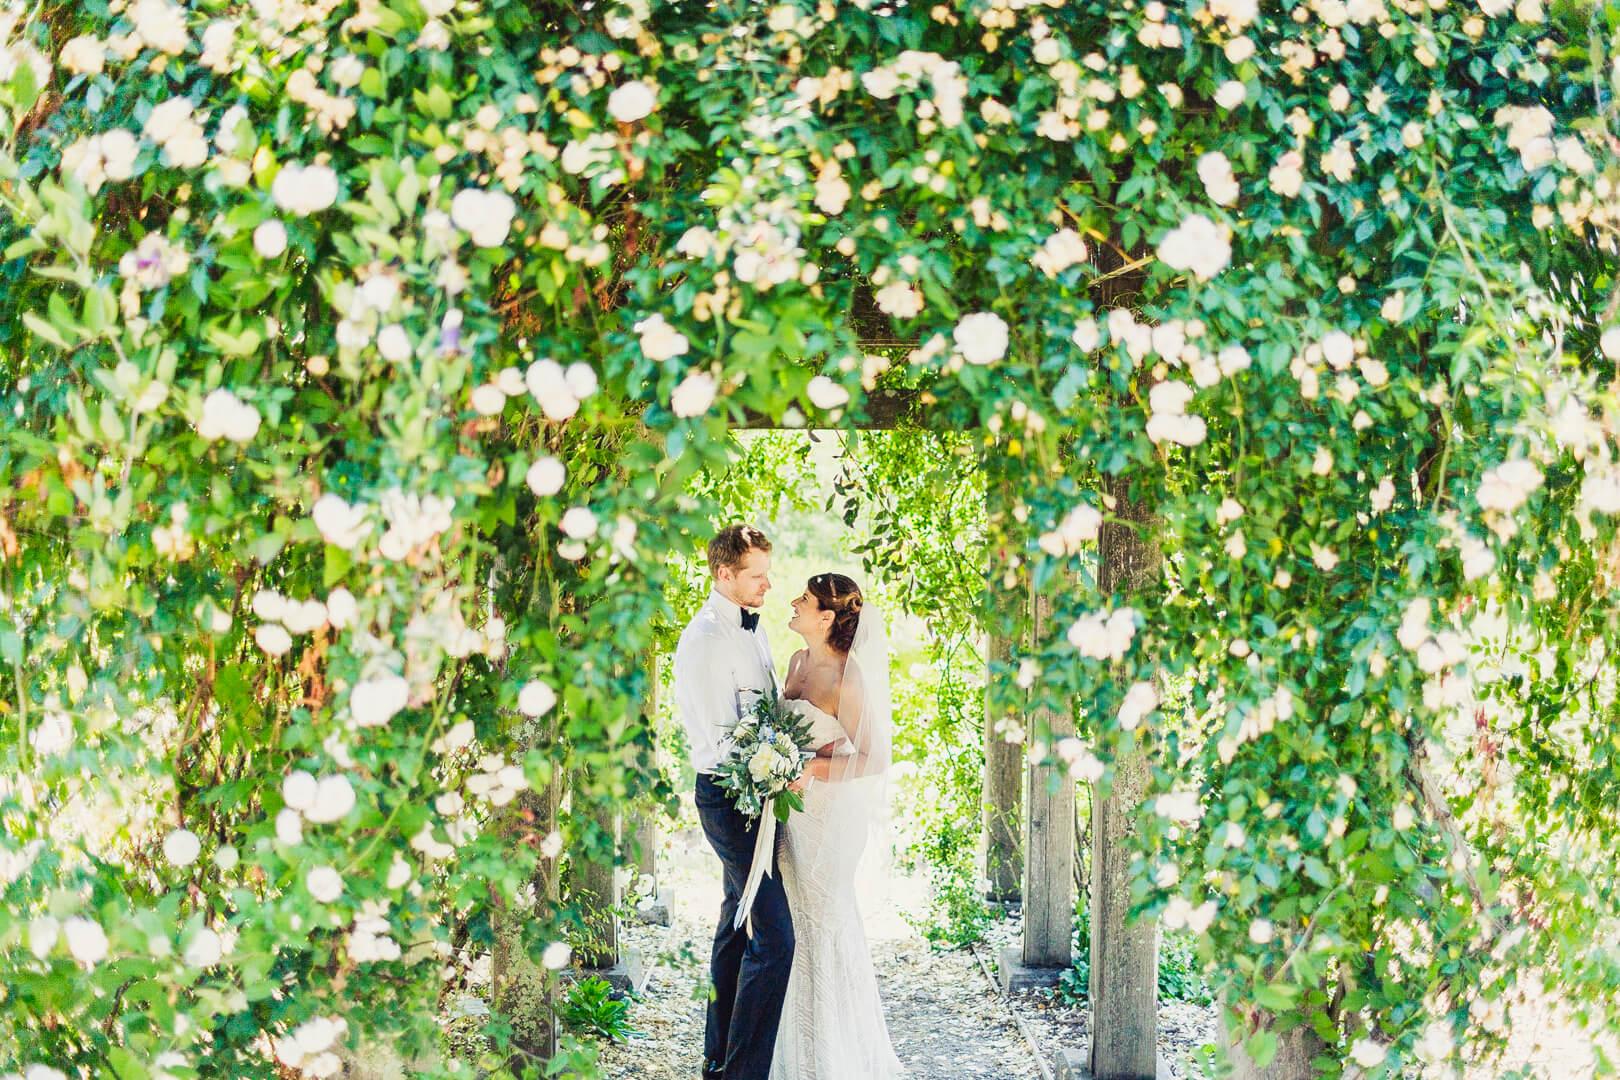 Melissa + David U2013 Claremont Hotel U2013 UC Botanical Garden U2013 Brazilian Room U2013  Berkeley, CA U2013 Studio Kibo